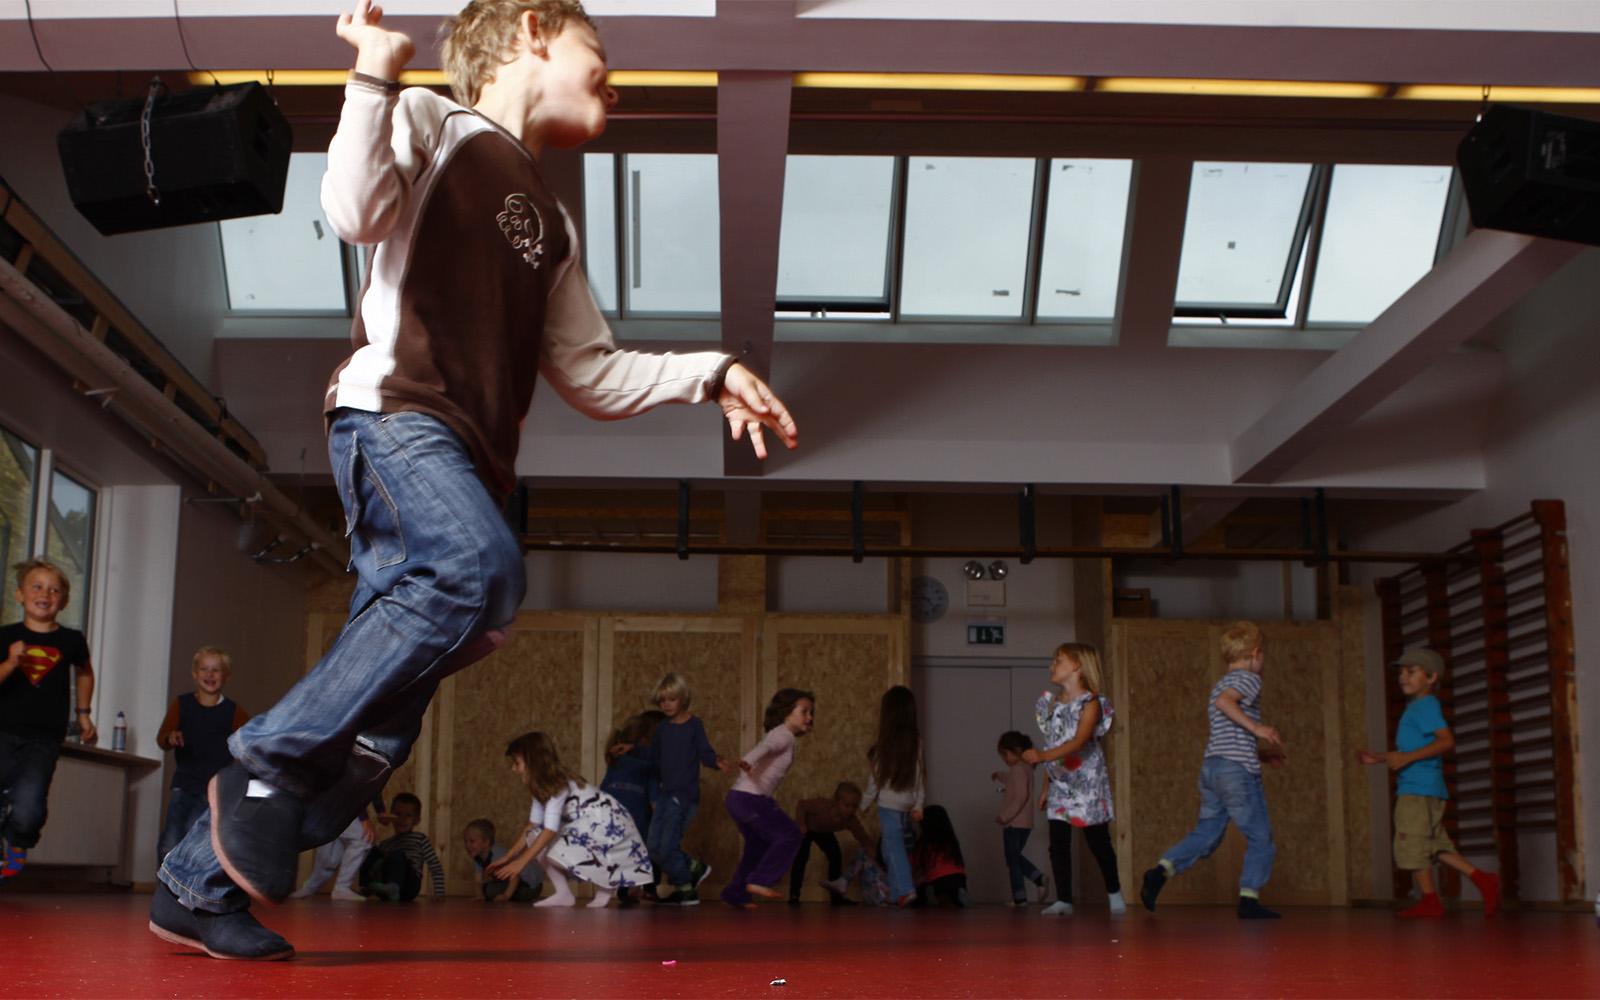 Écoliers jouant dans un gymnase illuminé grâce à une verrière de toit